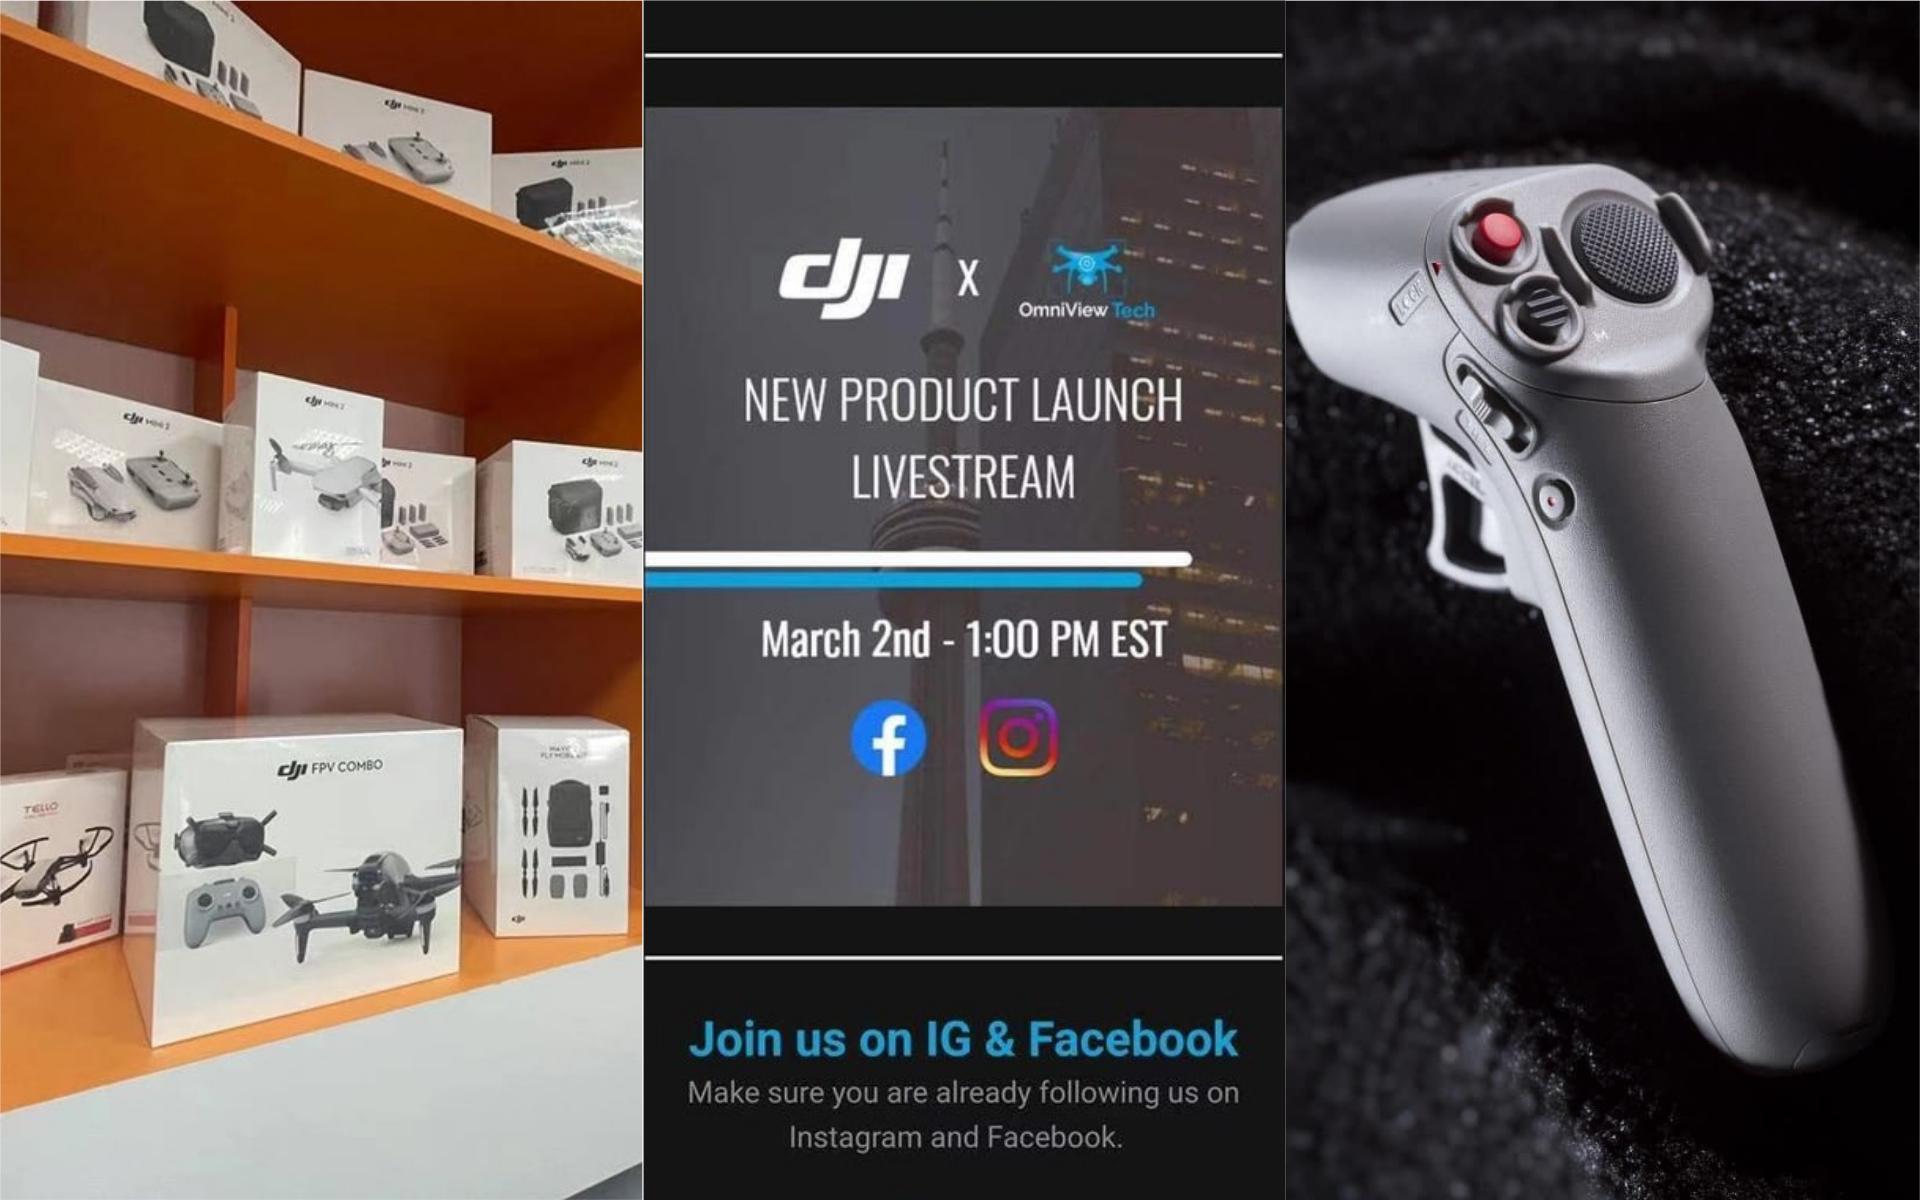 更多 DJI FPV 無人機照片及開箱影片流出 甚至已在分銷商店上架?